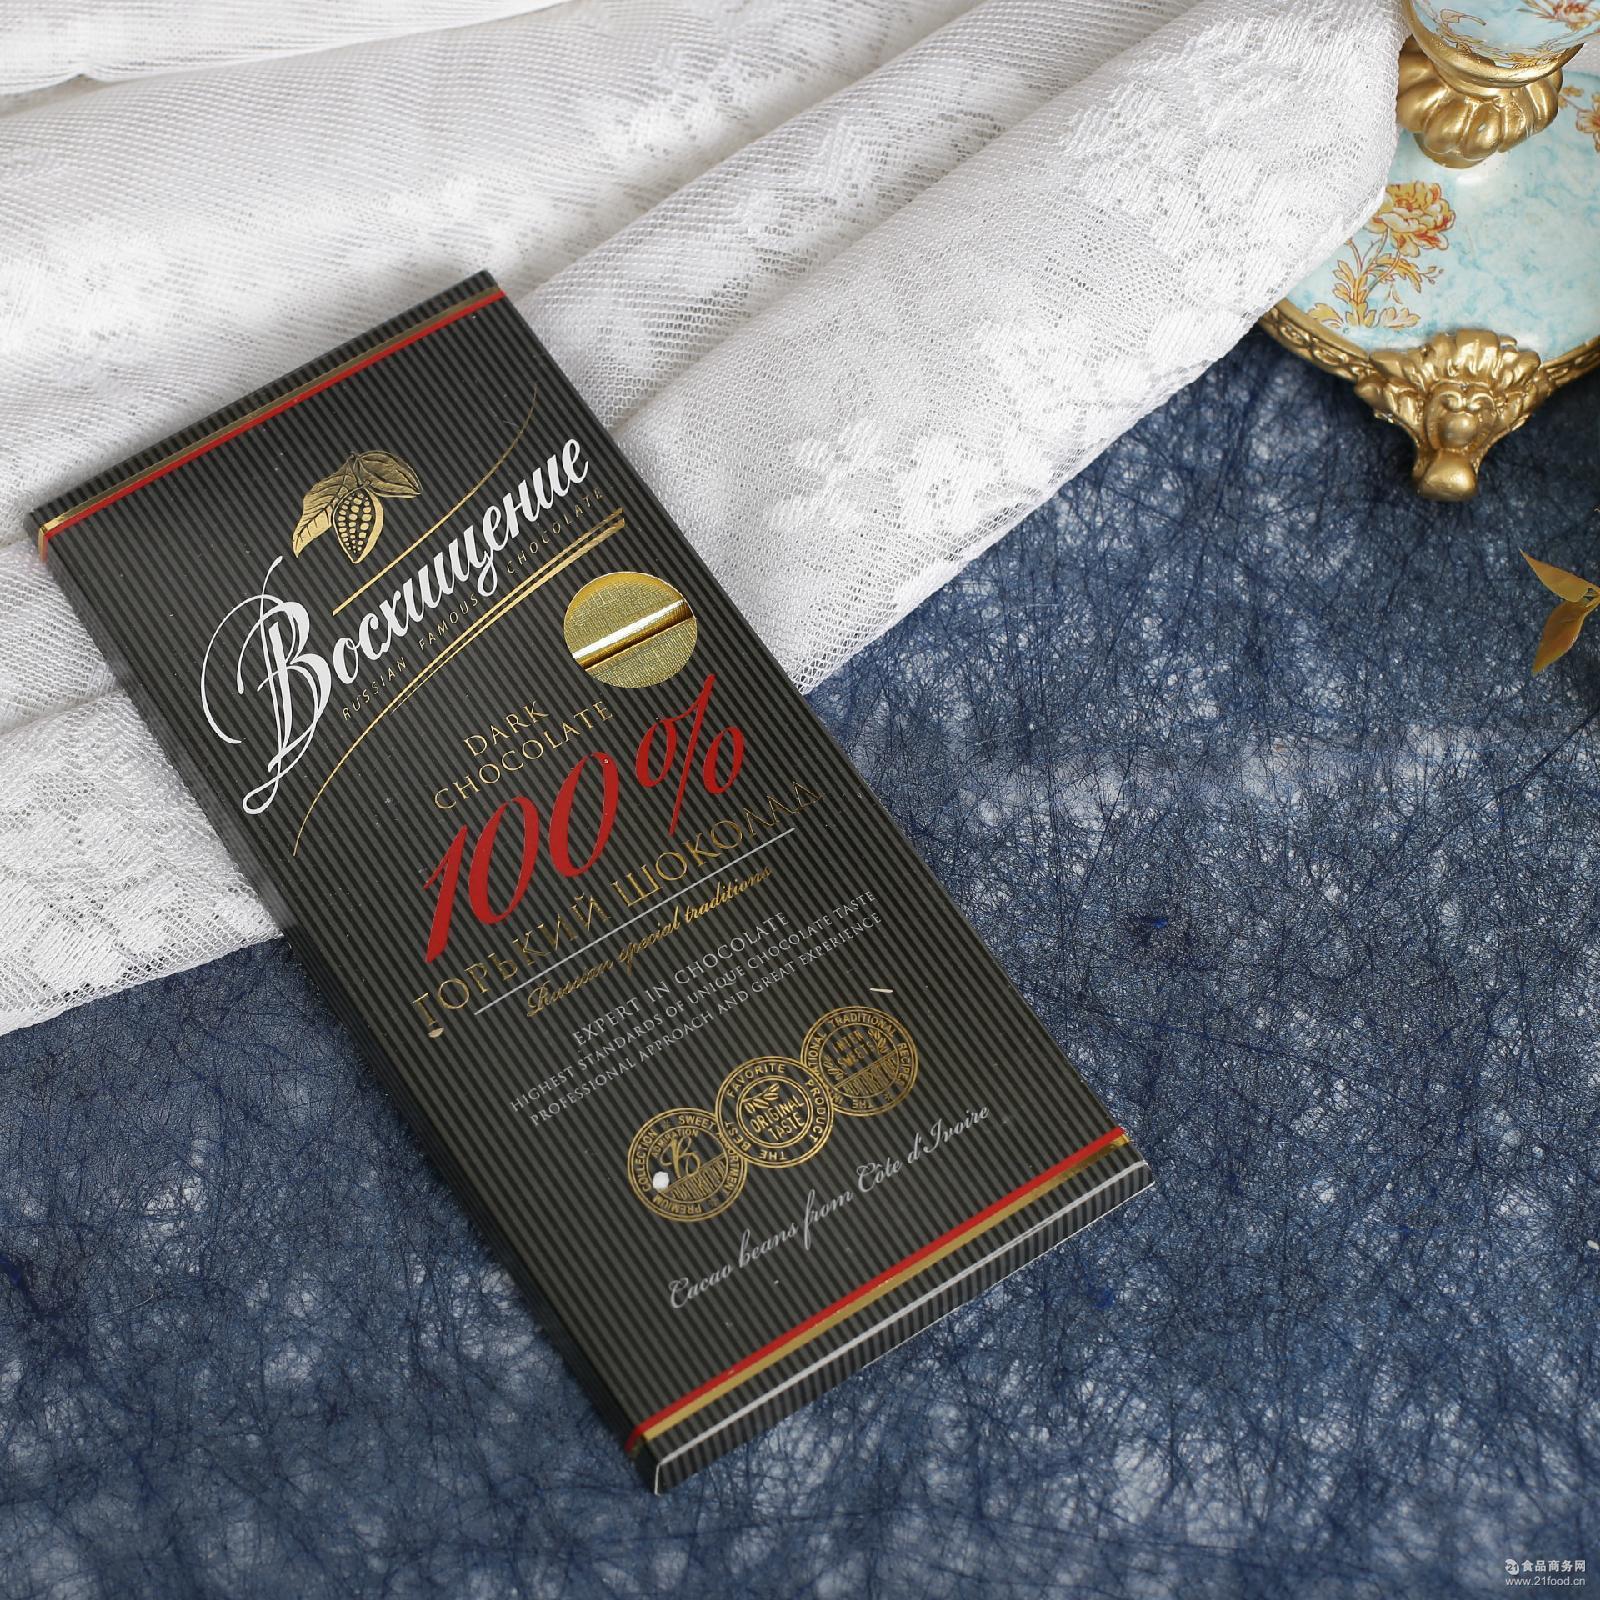 【阿斯托利亚】纯黑巧克力*可可 俄罗斯休闲零食 140克10块/盒